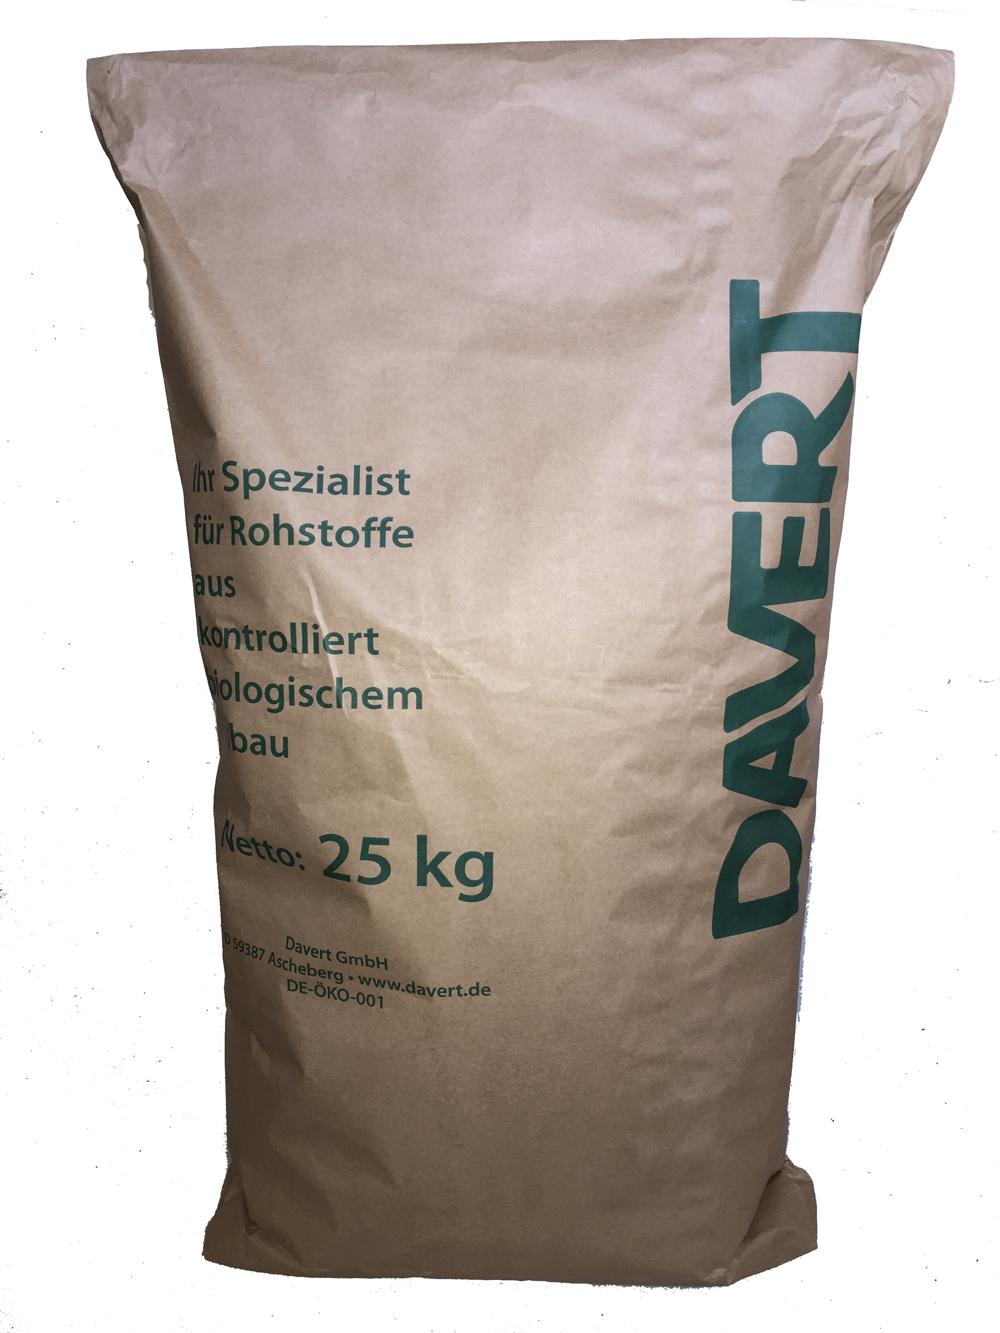 chickpea flour BIO Gluten free 25 kg